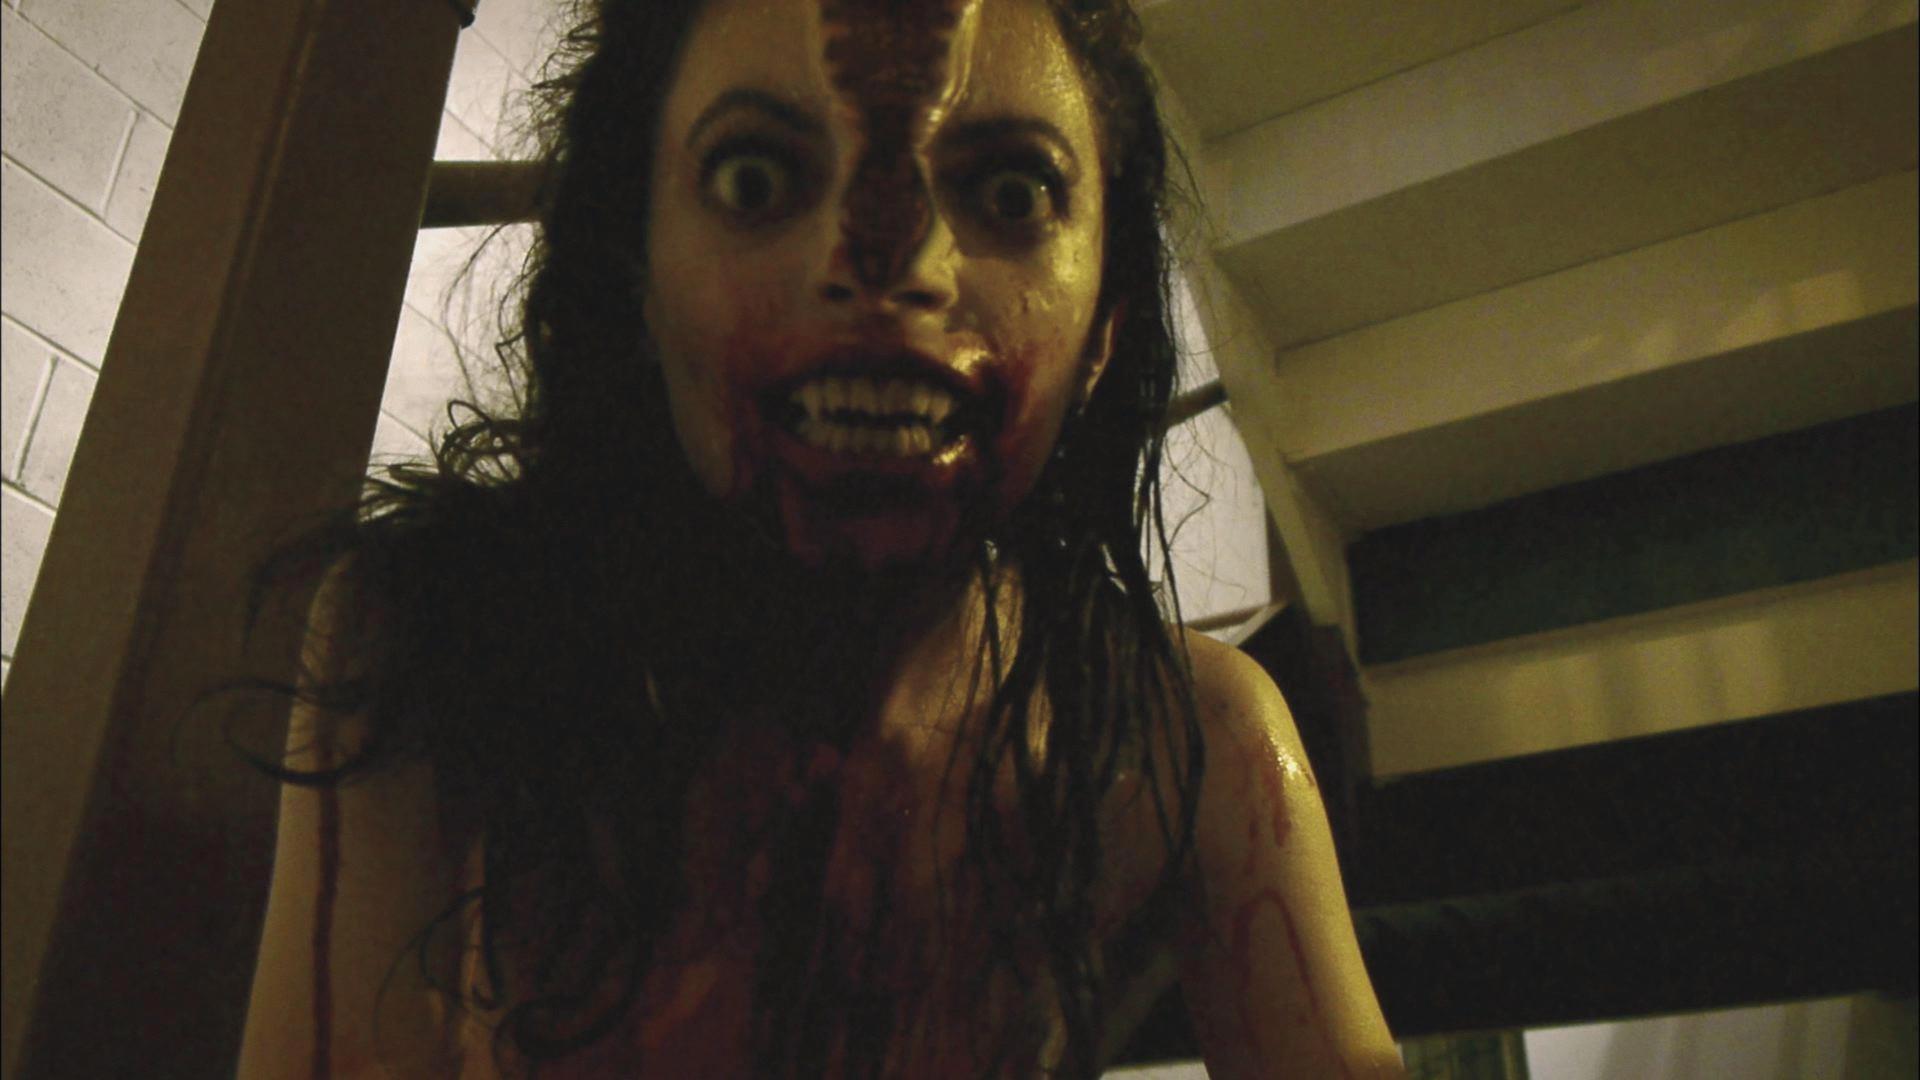 v/h/s (2012) | the cinema monster